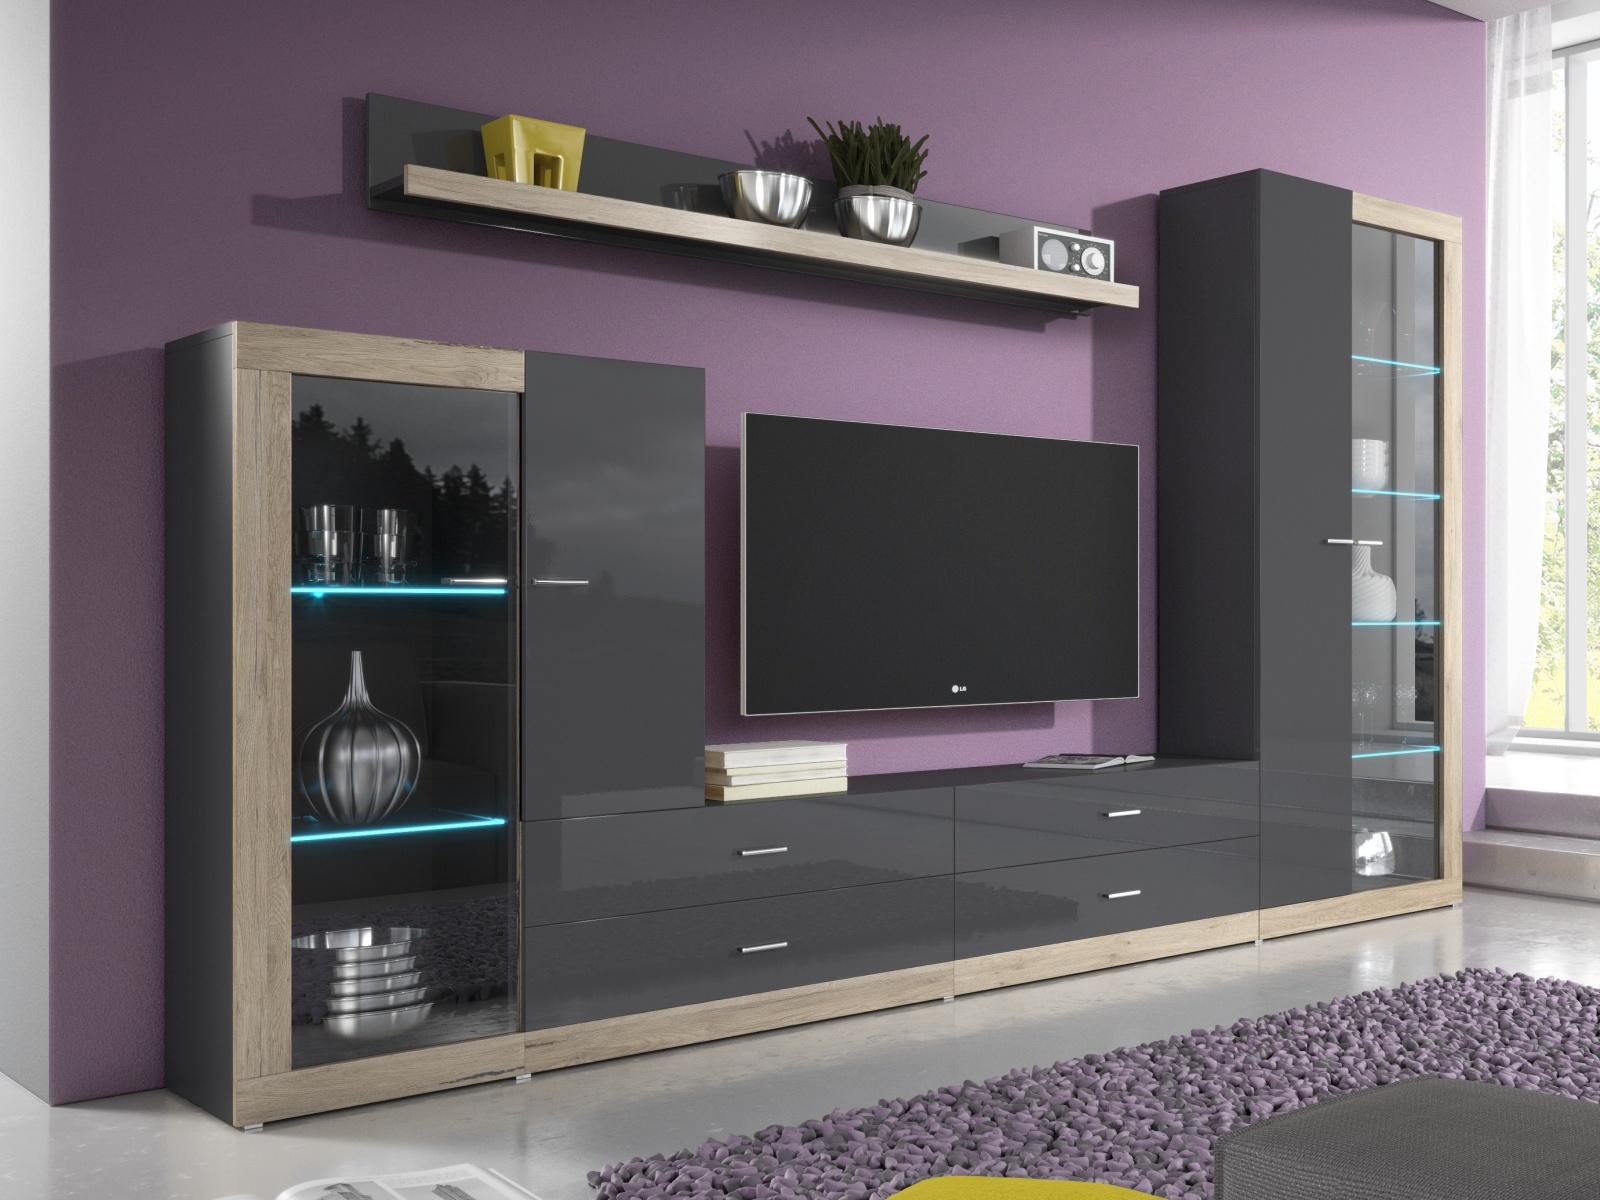 Smartshop TESSA obývací stěna TYP 10, dub san remo světlý/antracit lesk